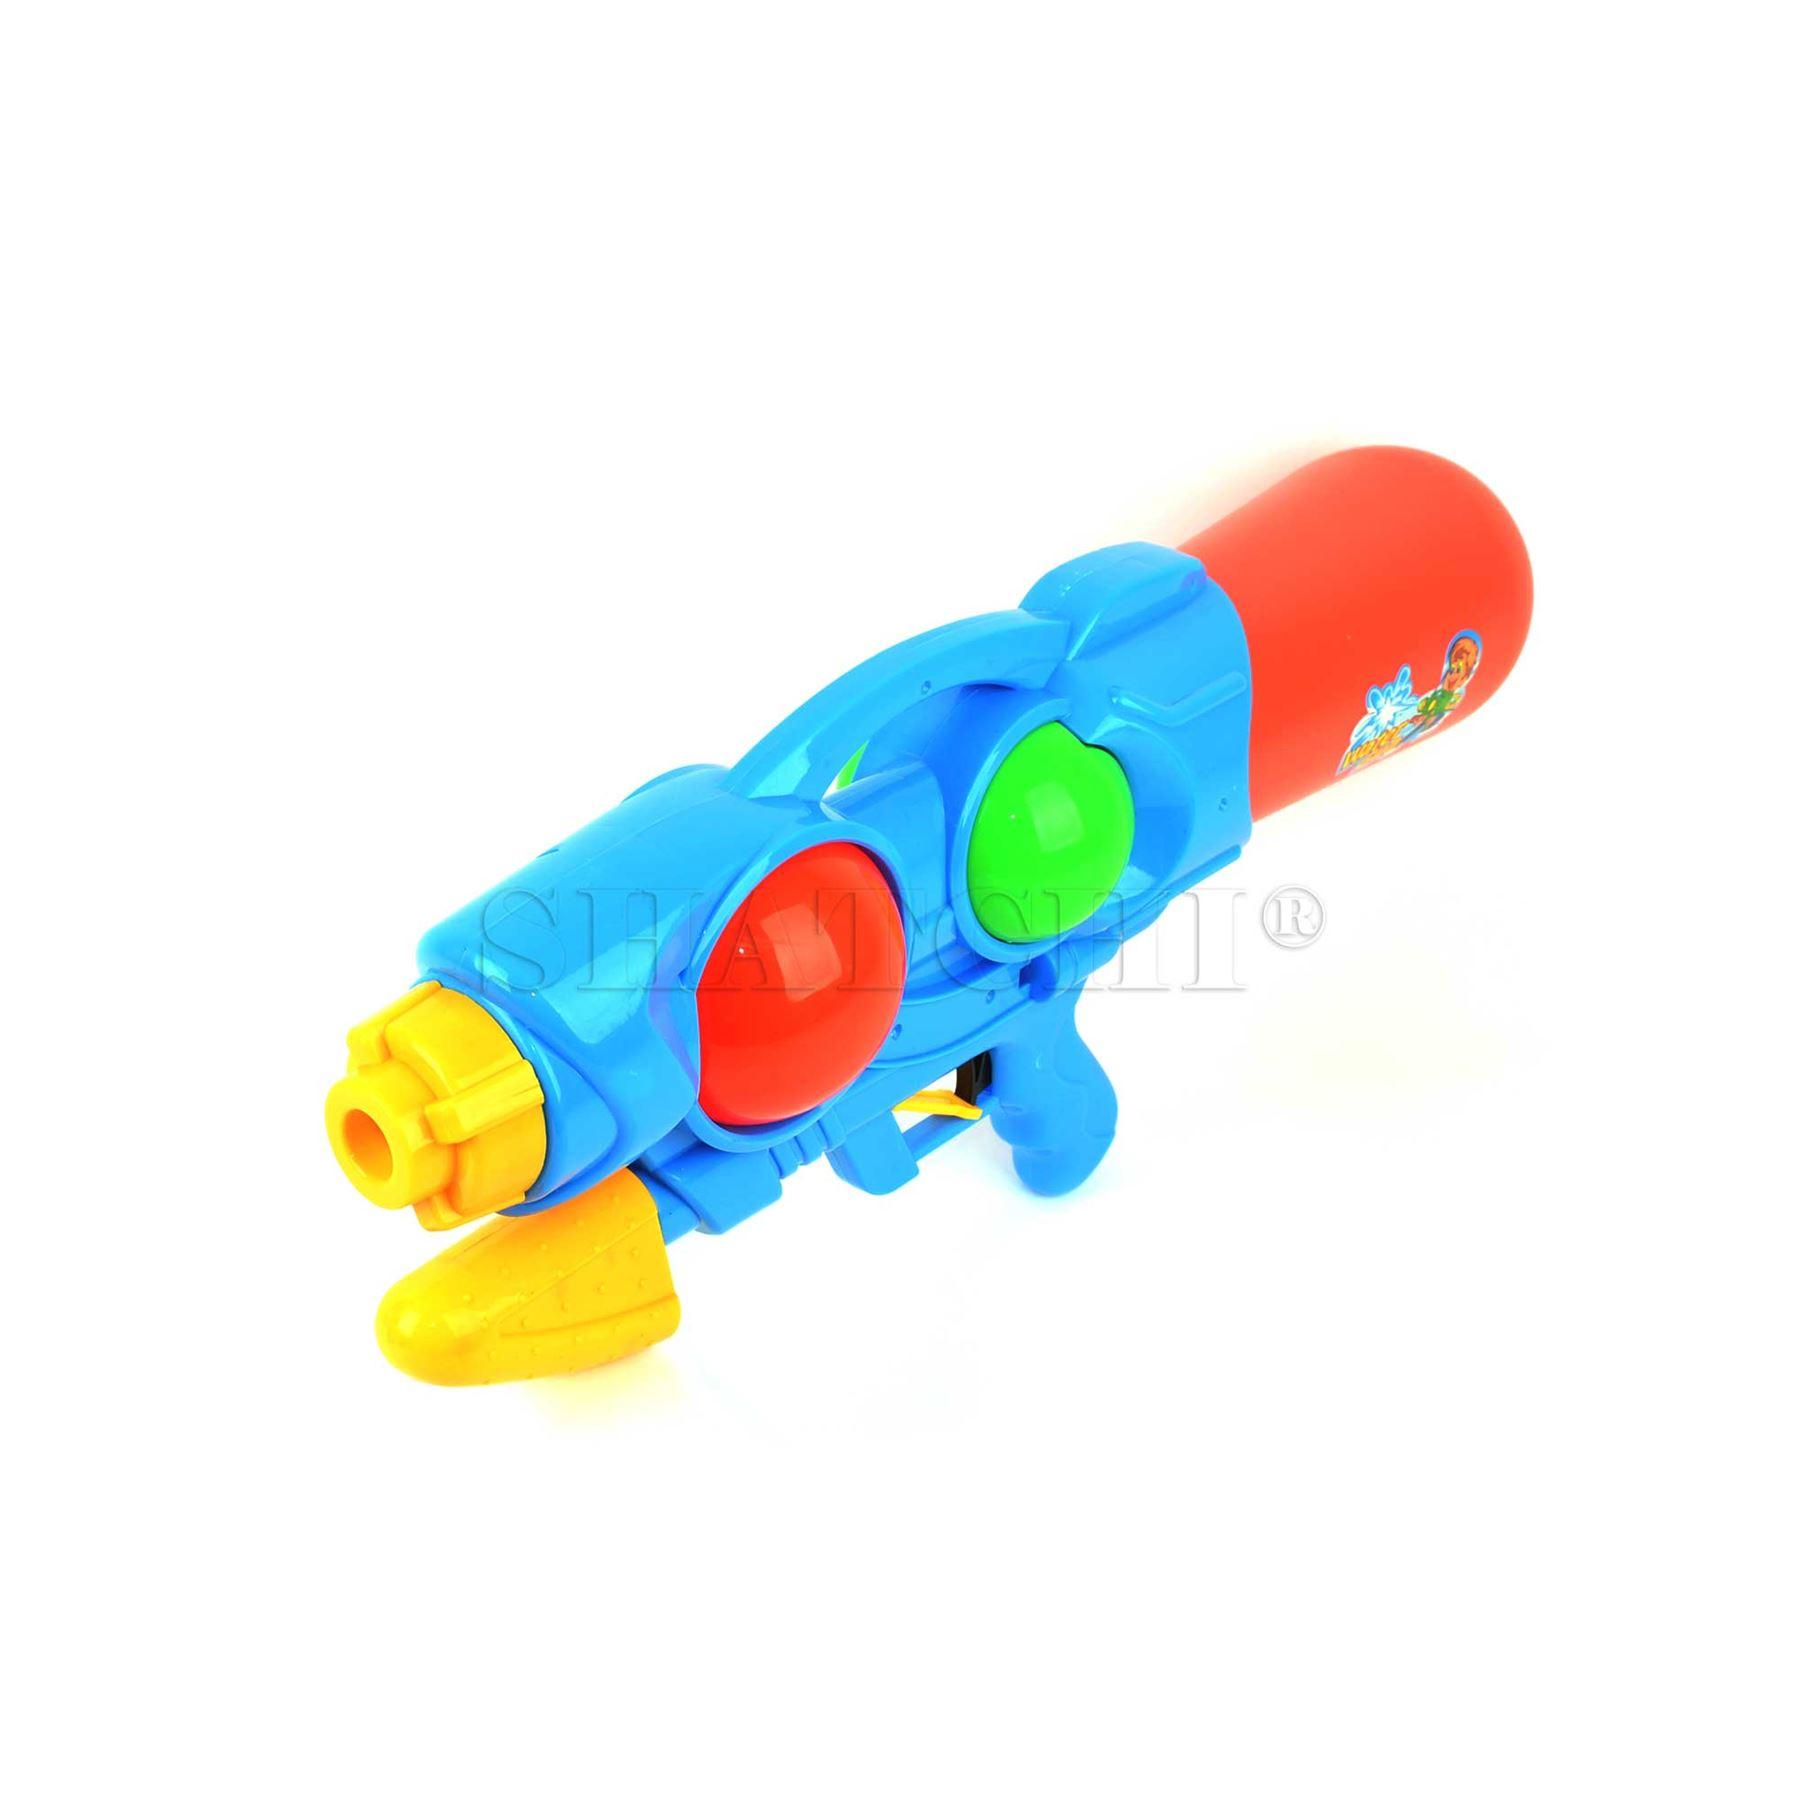 miniature 25 - Large Water Gun Pump Action Super Soaker Sprayer Backpack Outdoor Beach Garden